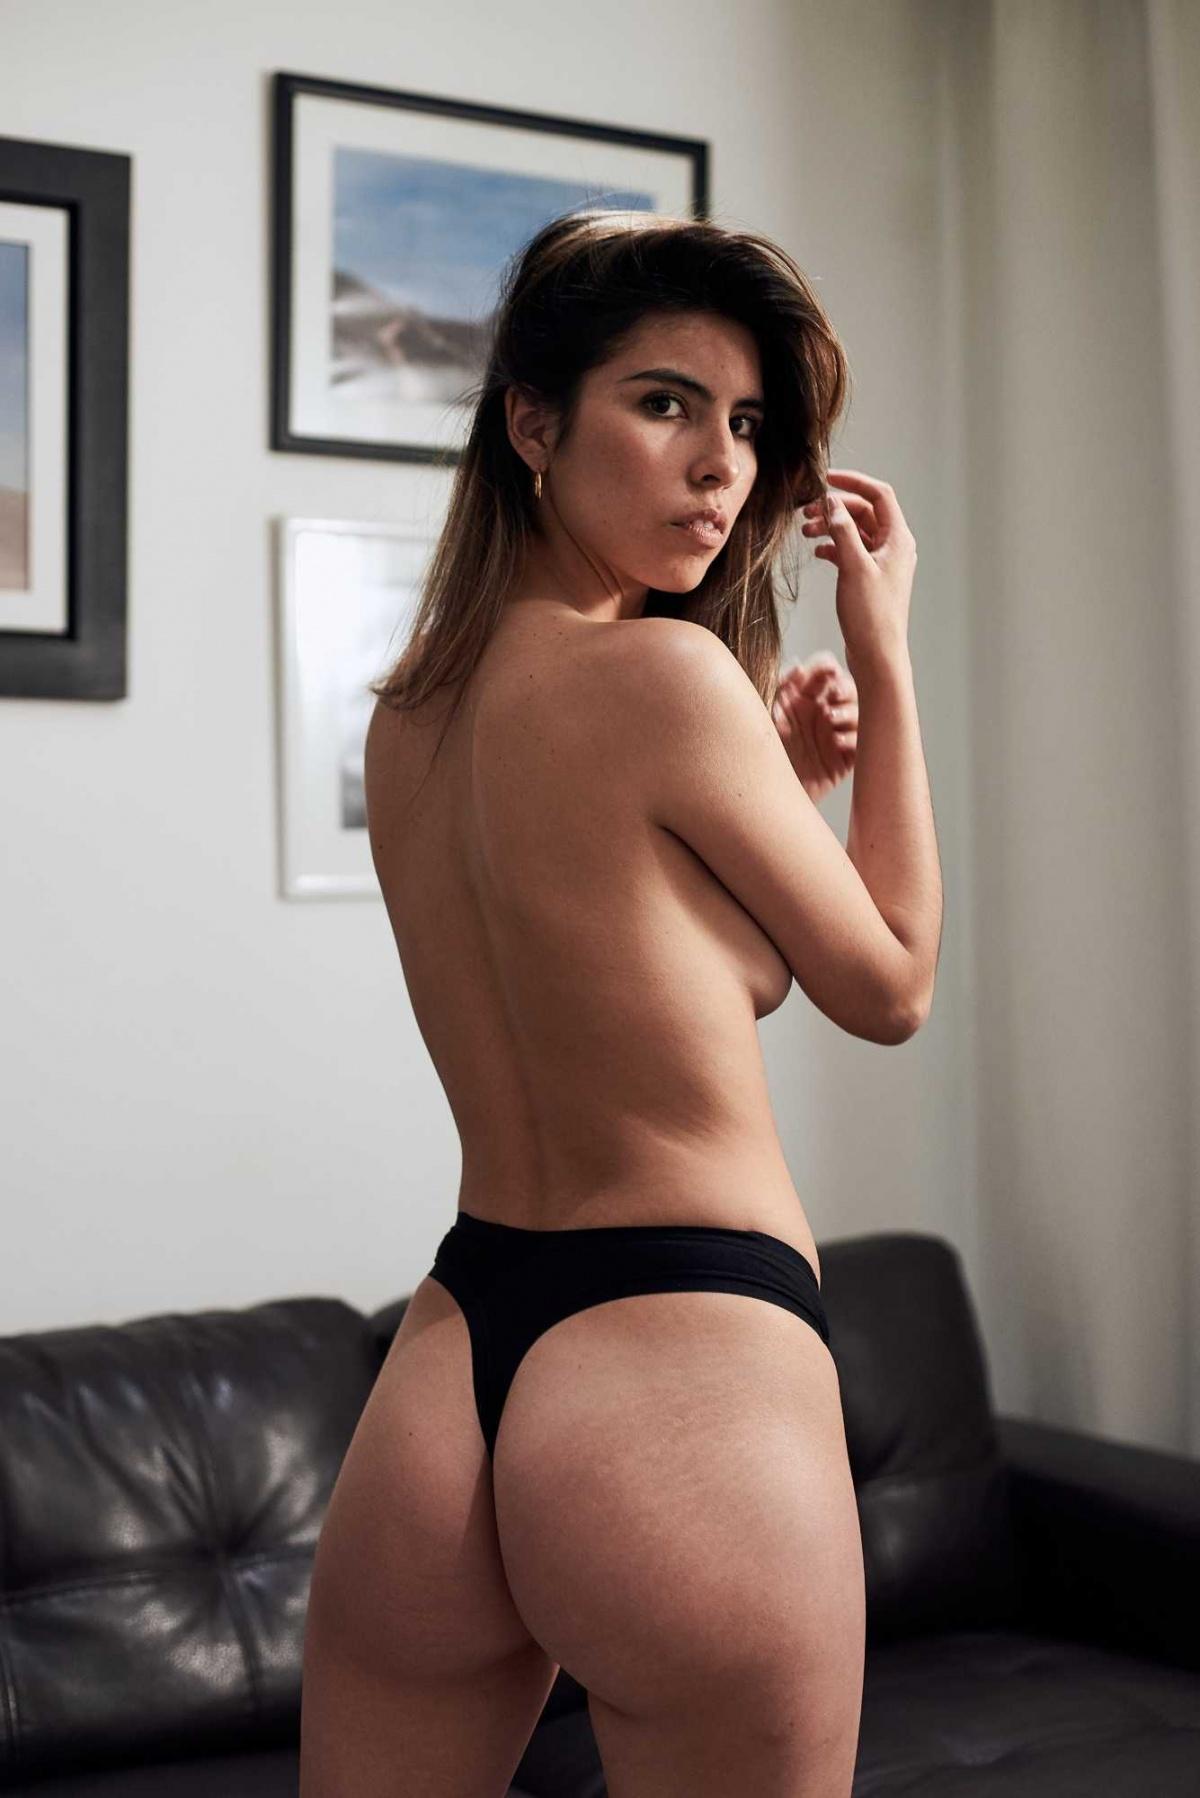 Mireya Orellana